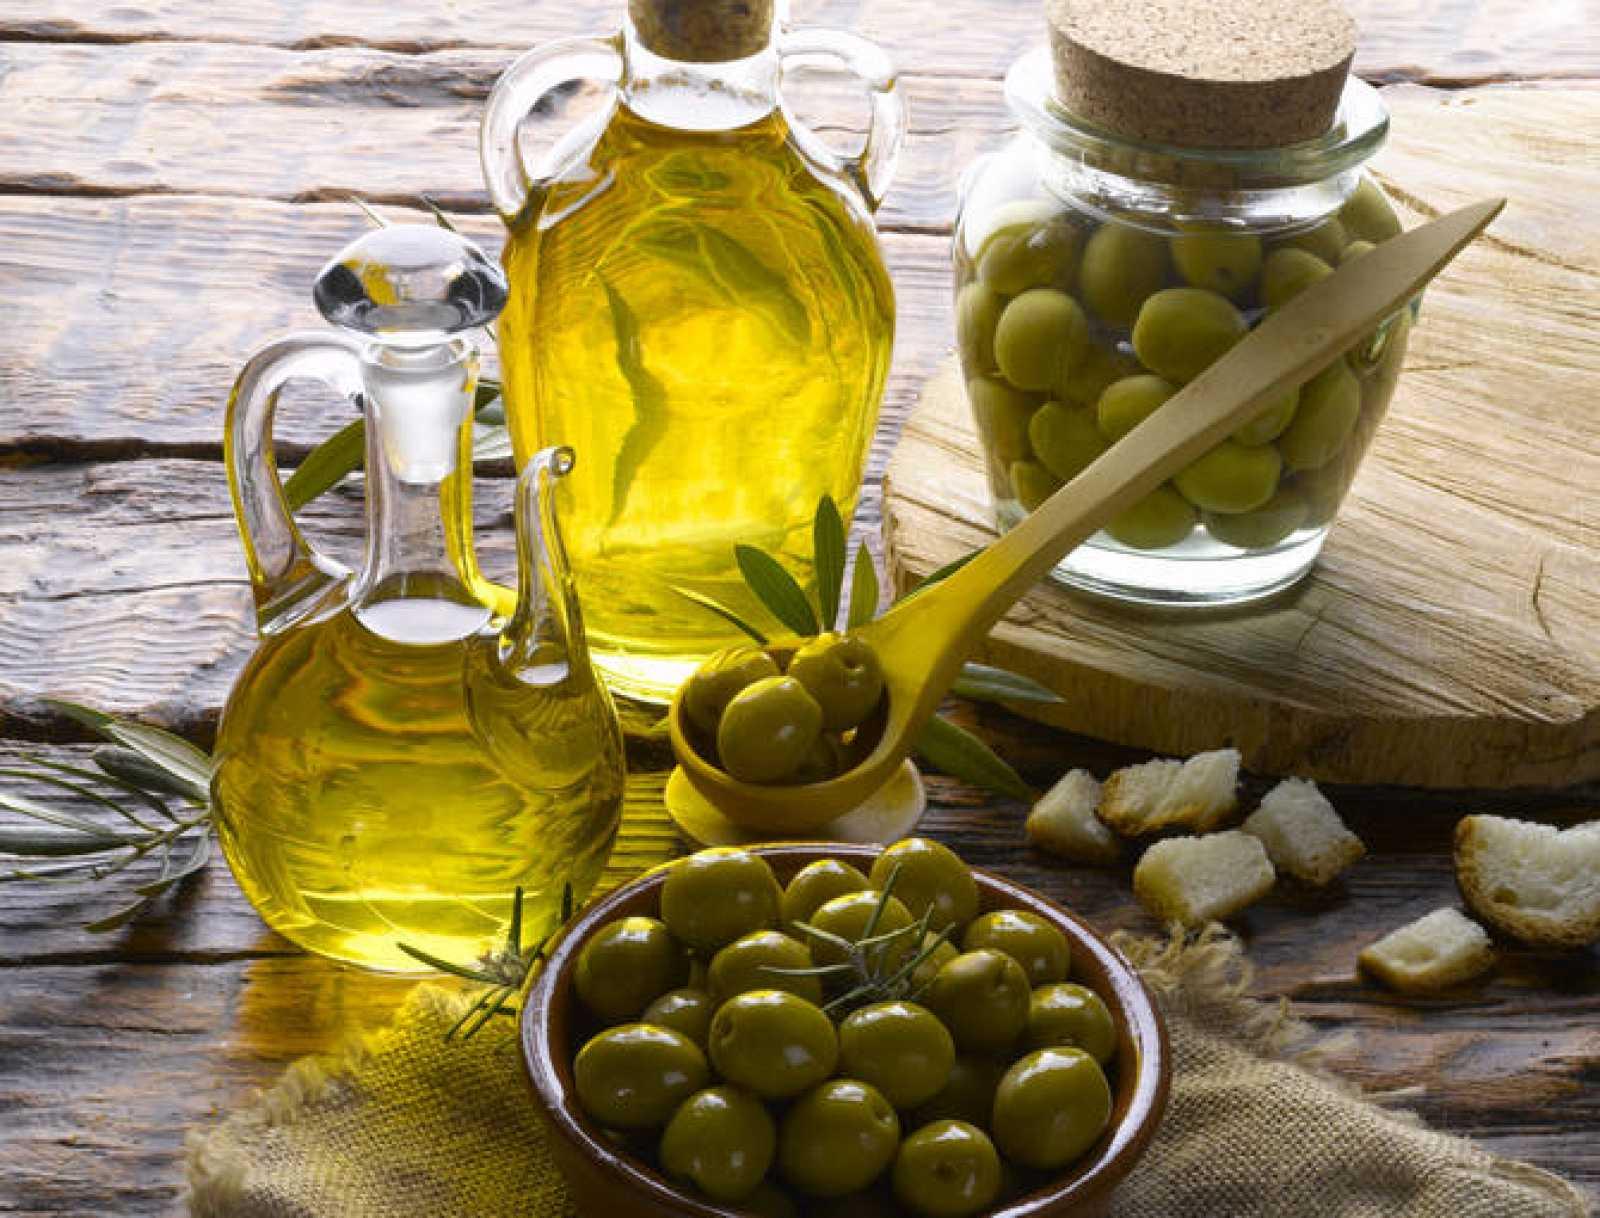 92bb61c1376 Cómo identificar un aceite de oliva de calidad - RTVE.es